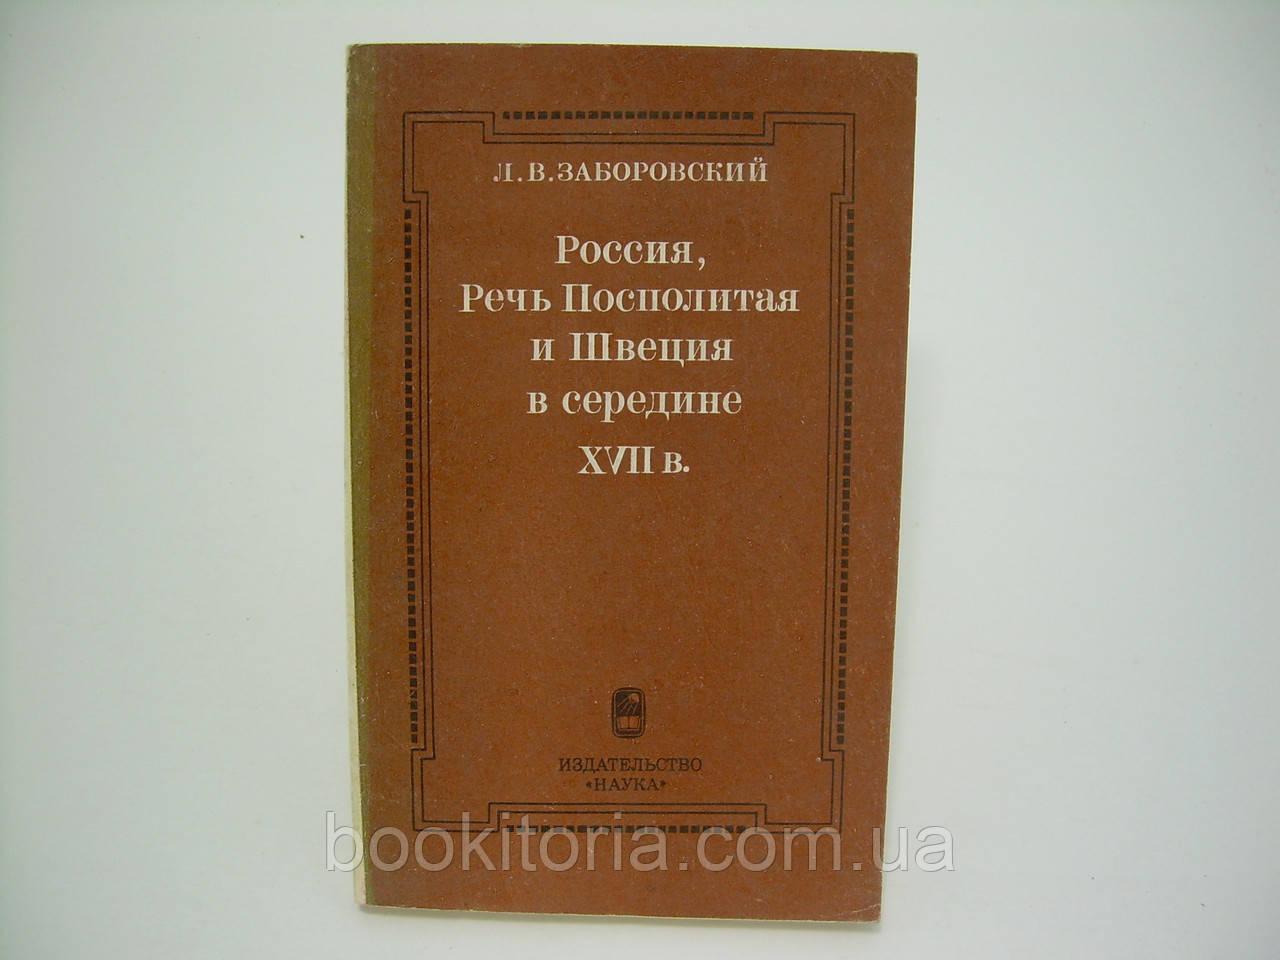 Заборовский Л.В. Россия, Речь Посполитая и Швеция в середине XVII века (б/у).